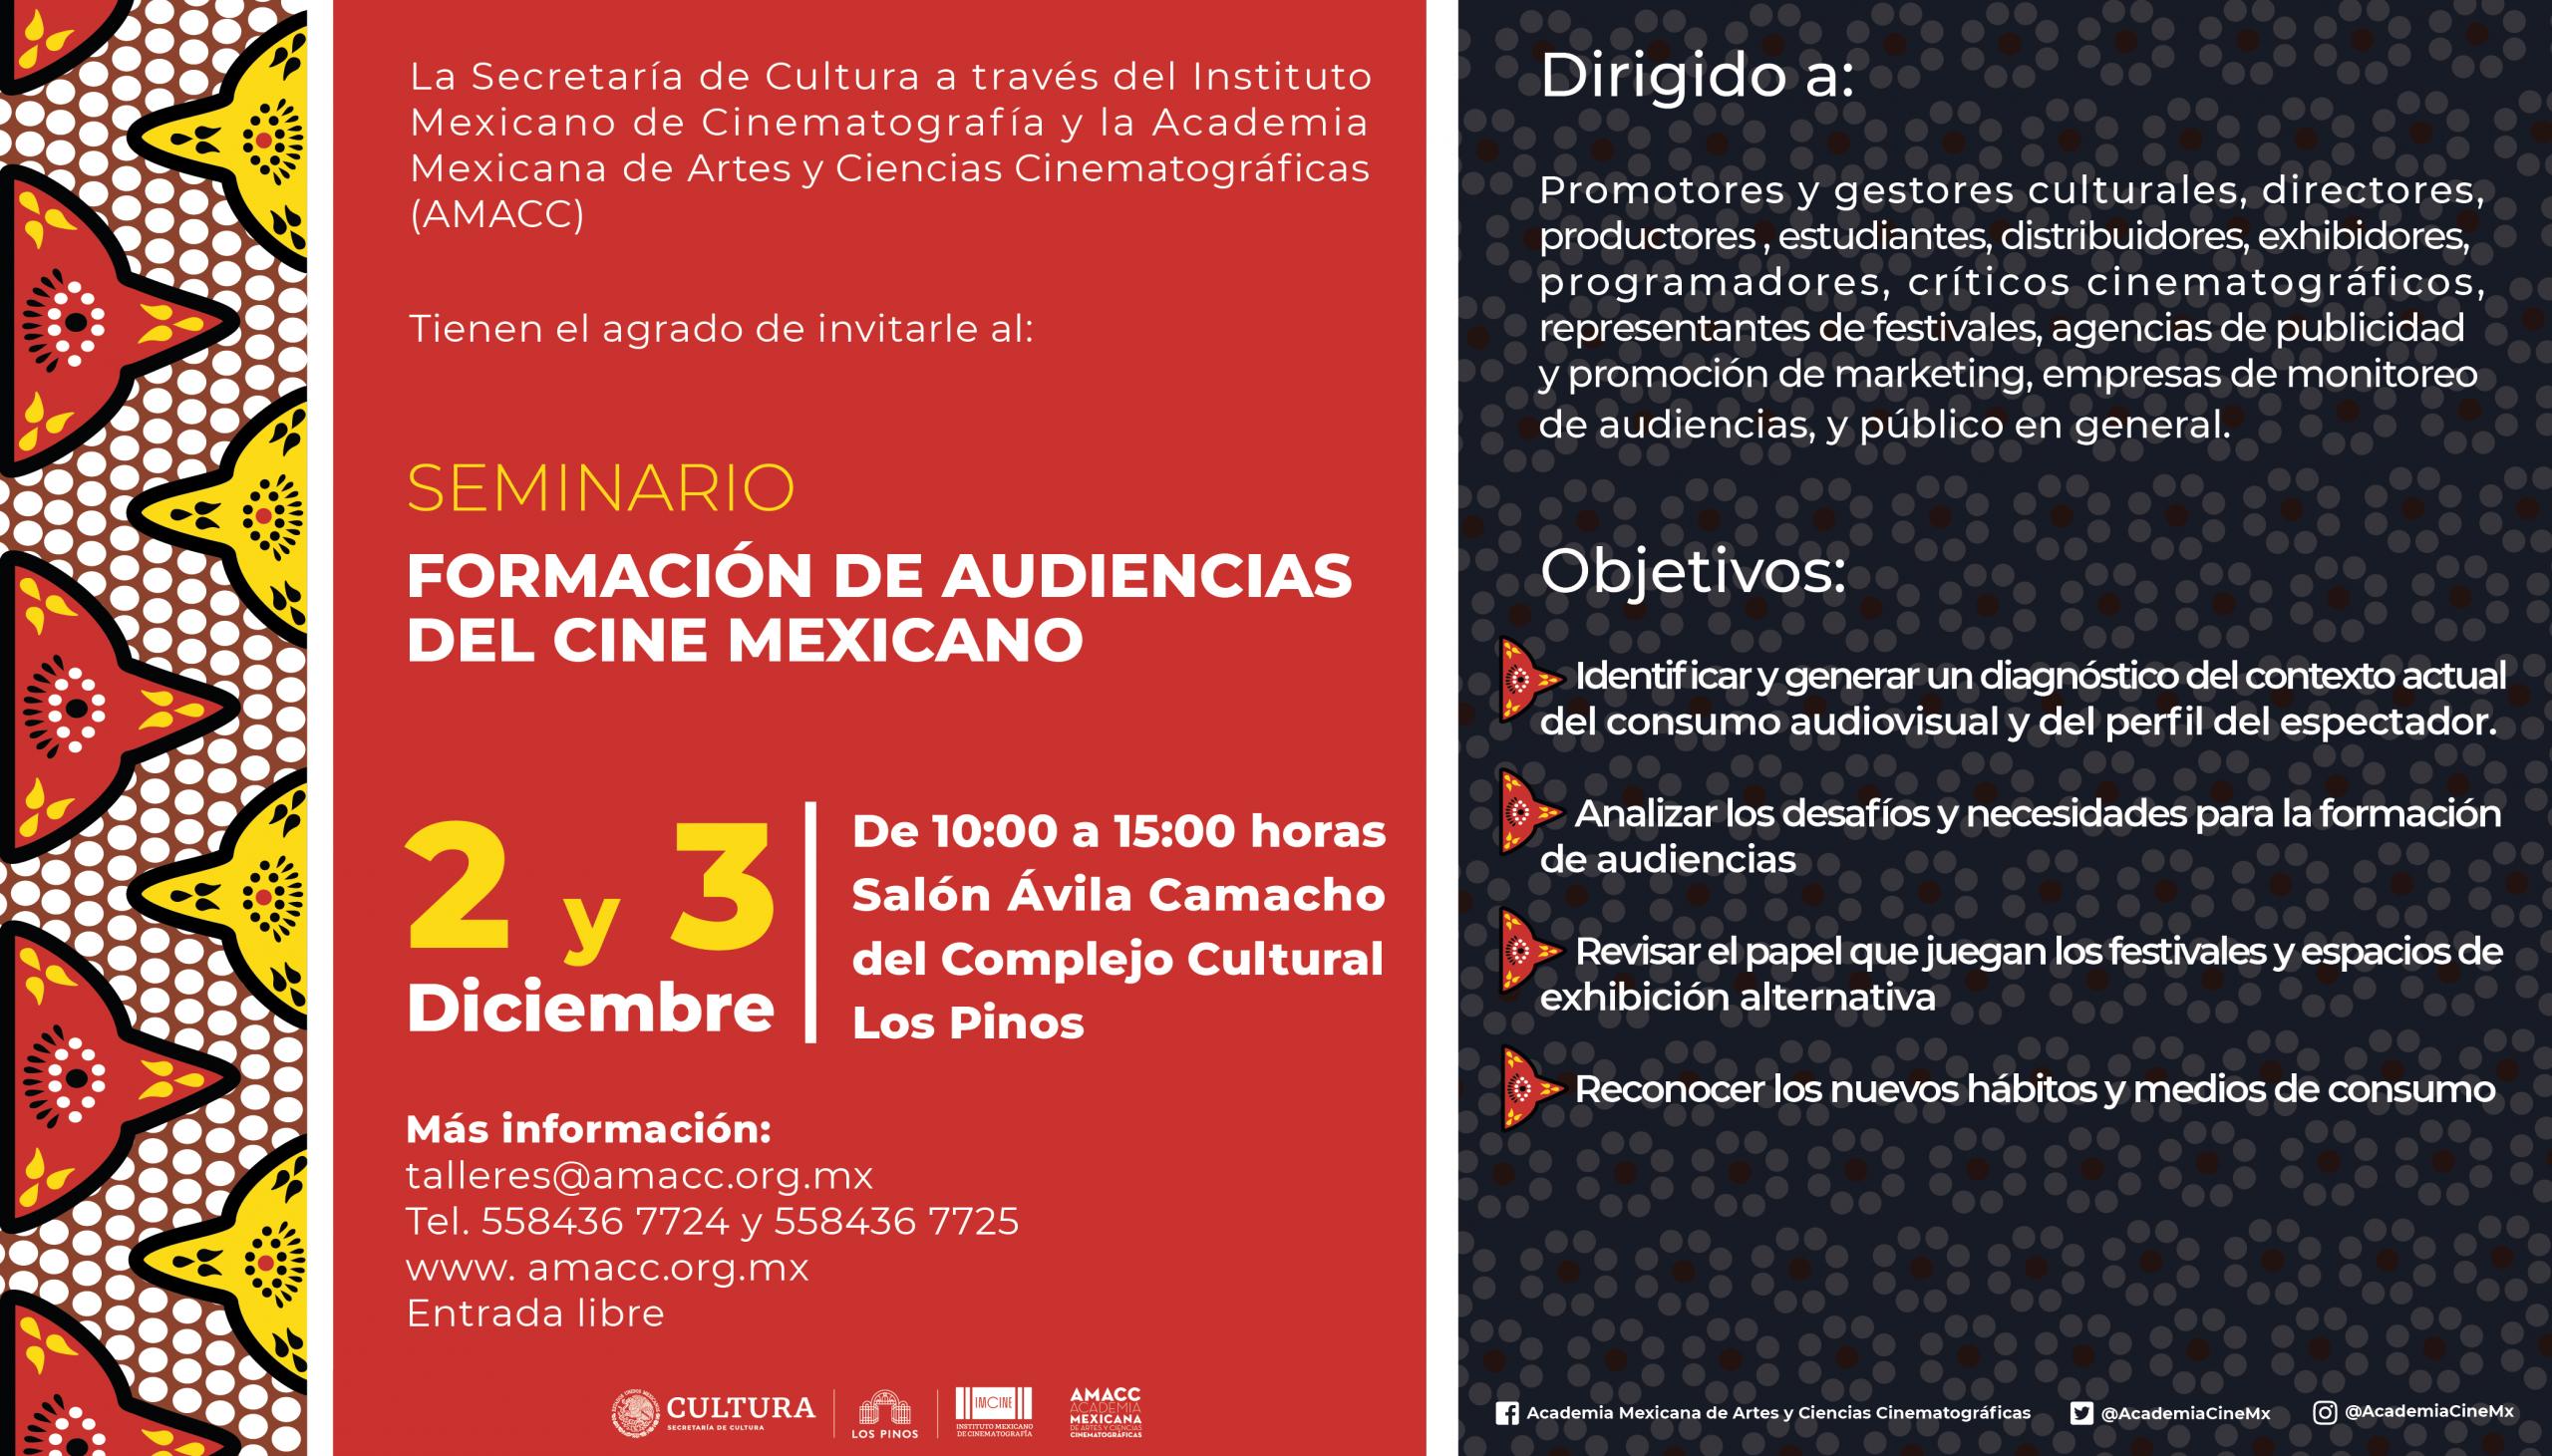 Seminario | Formación de audiencias del cine mexicano